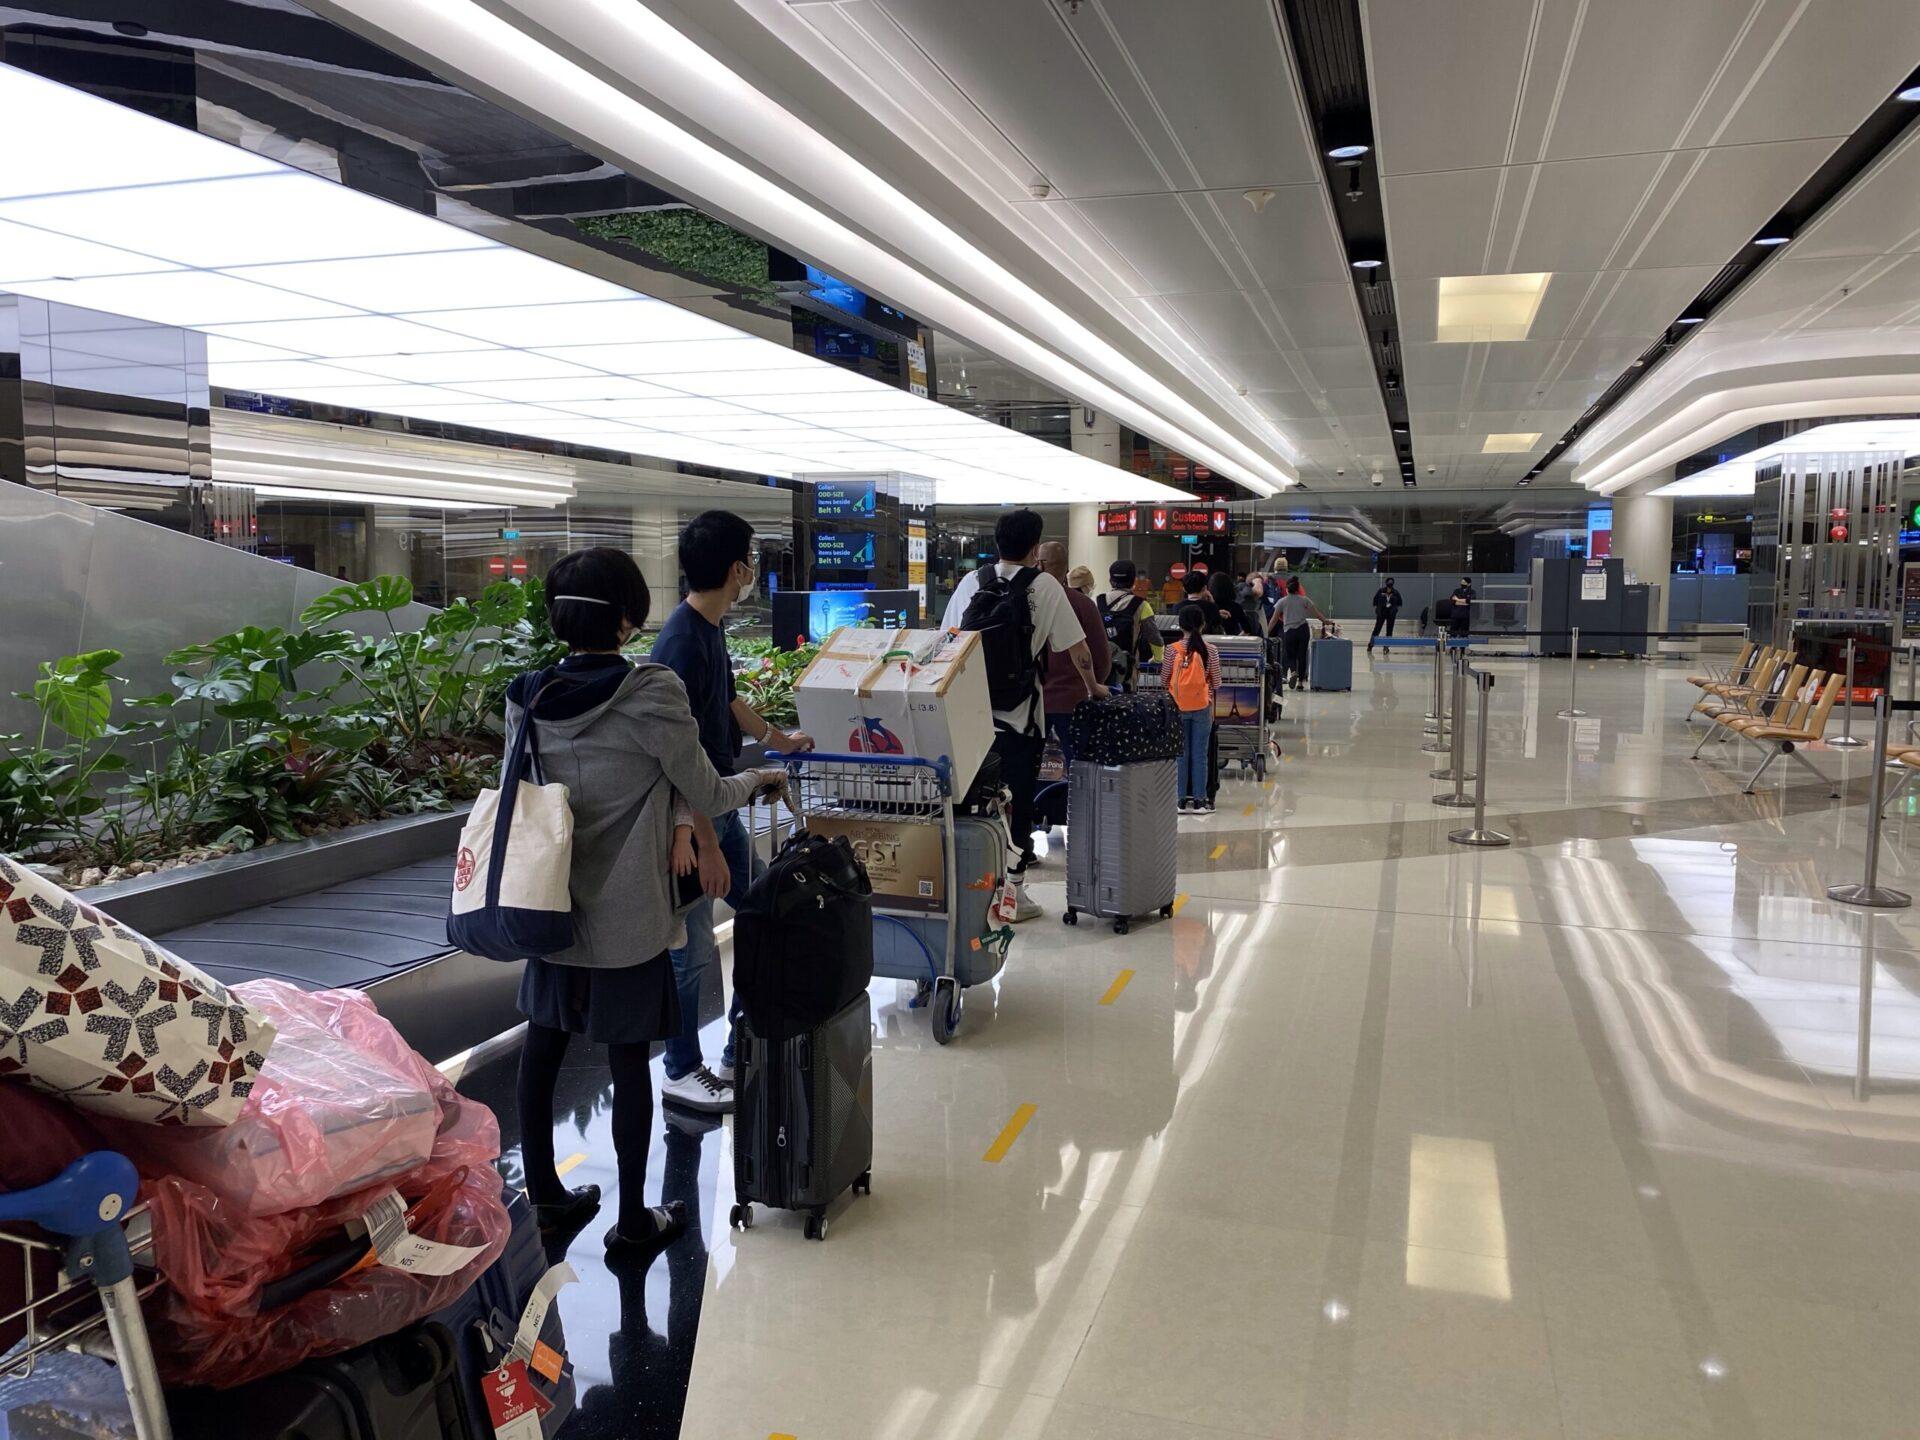 <21年1月レポート>シンガポール入国後の隔離滞在先は運任せ。乳児を連れてシンガポールに戻るまでの記録